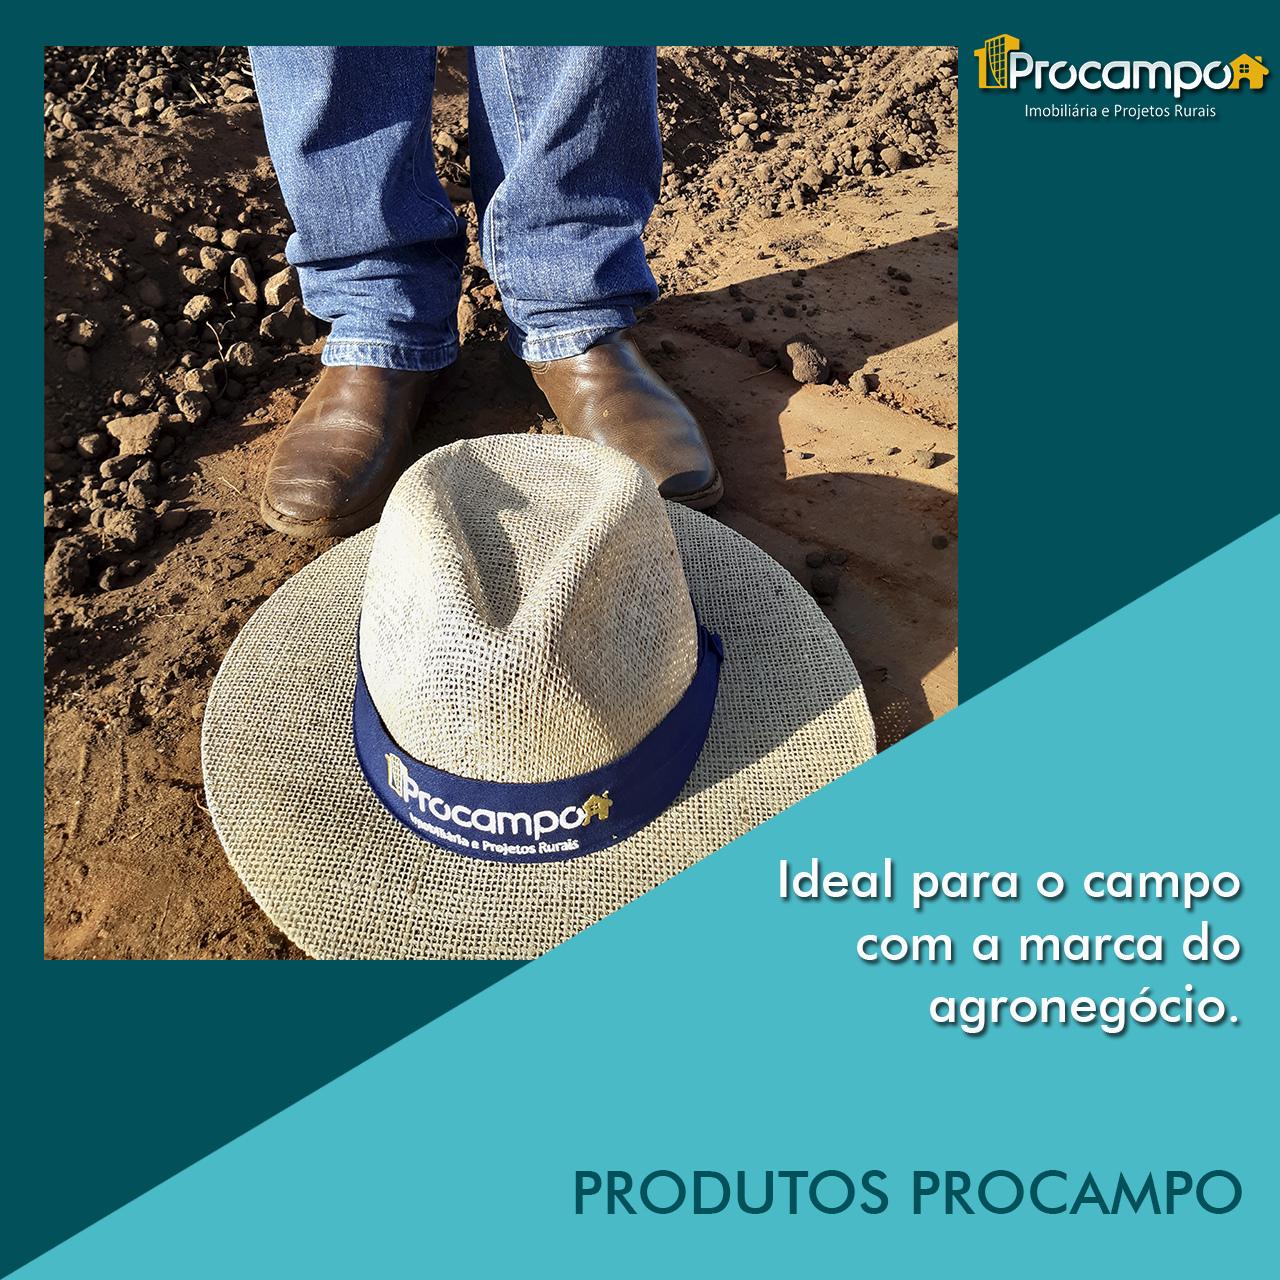 O produto ideal para o campo com a marca do agronegócio.